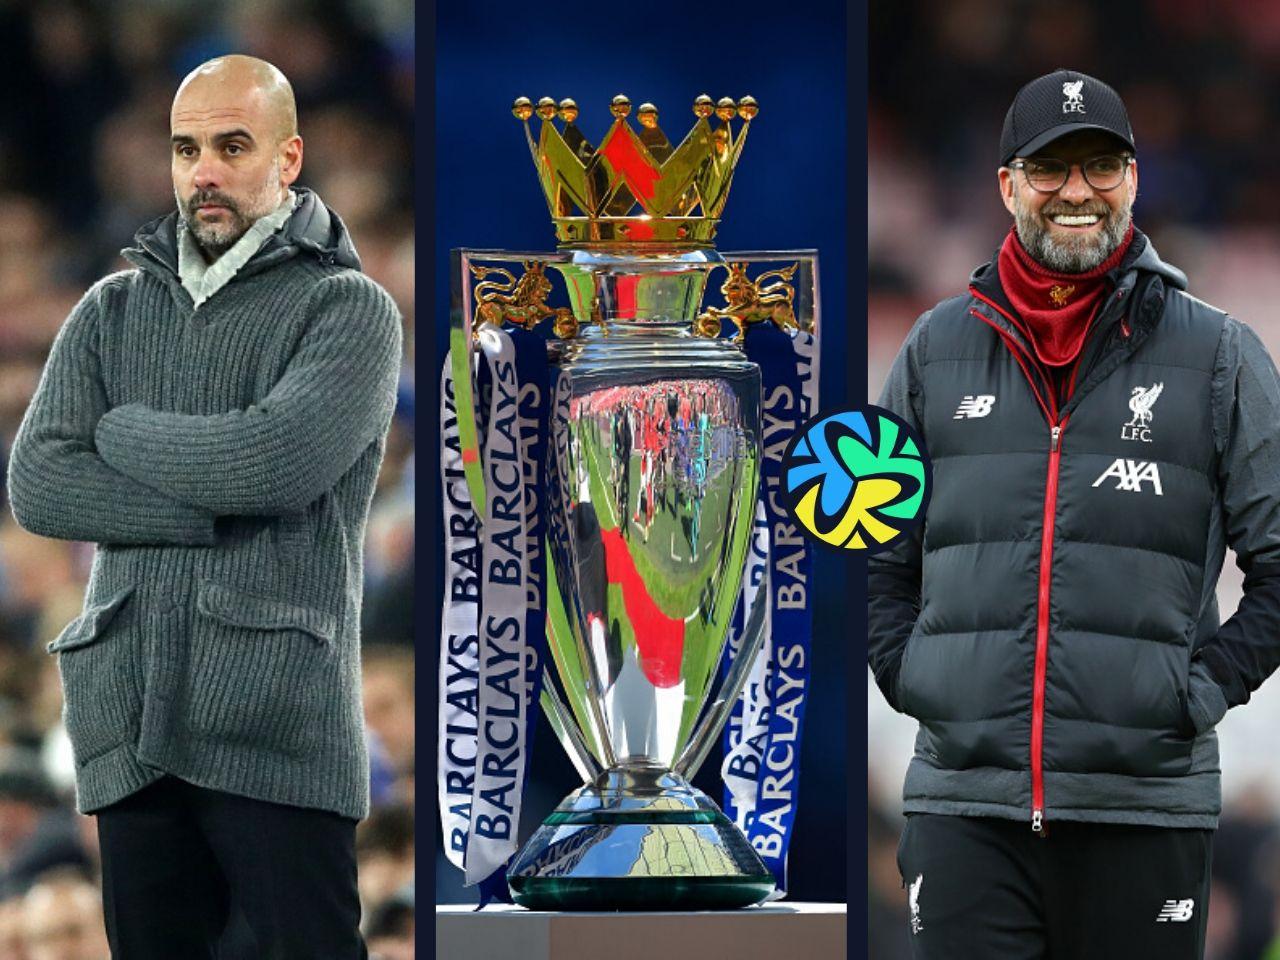 Premier League, Christmas games